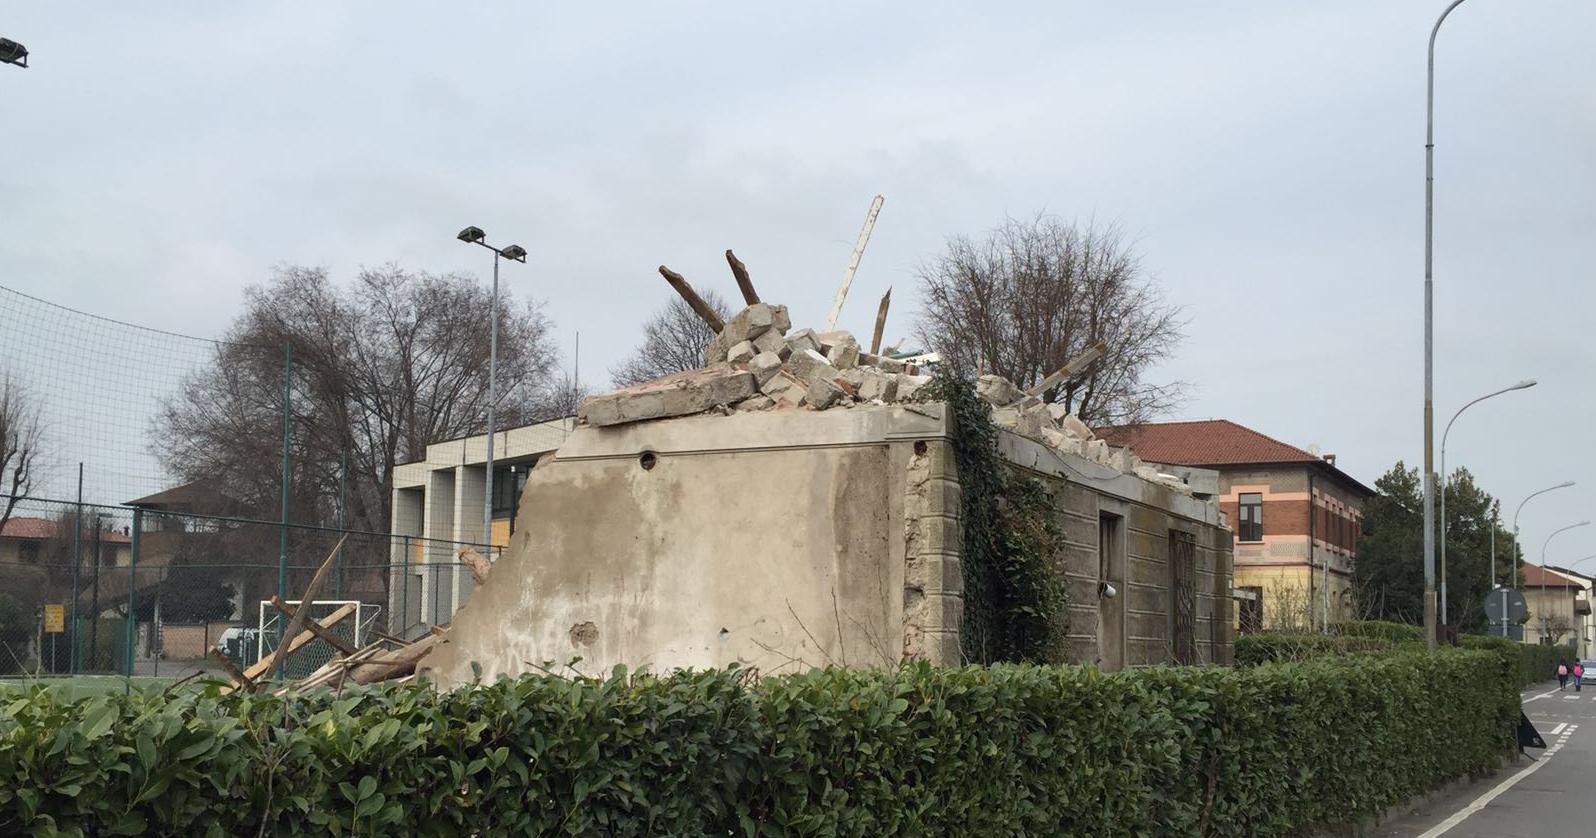 Casa albanesi archivi cambia soncinocambia soncino for Planimetrie della casa degli artigiani